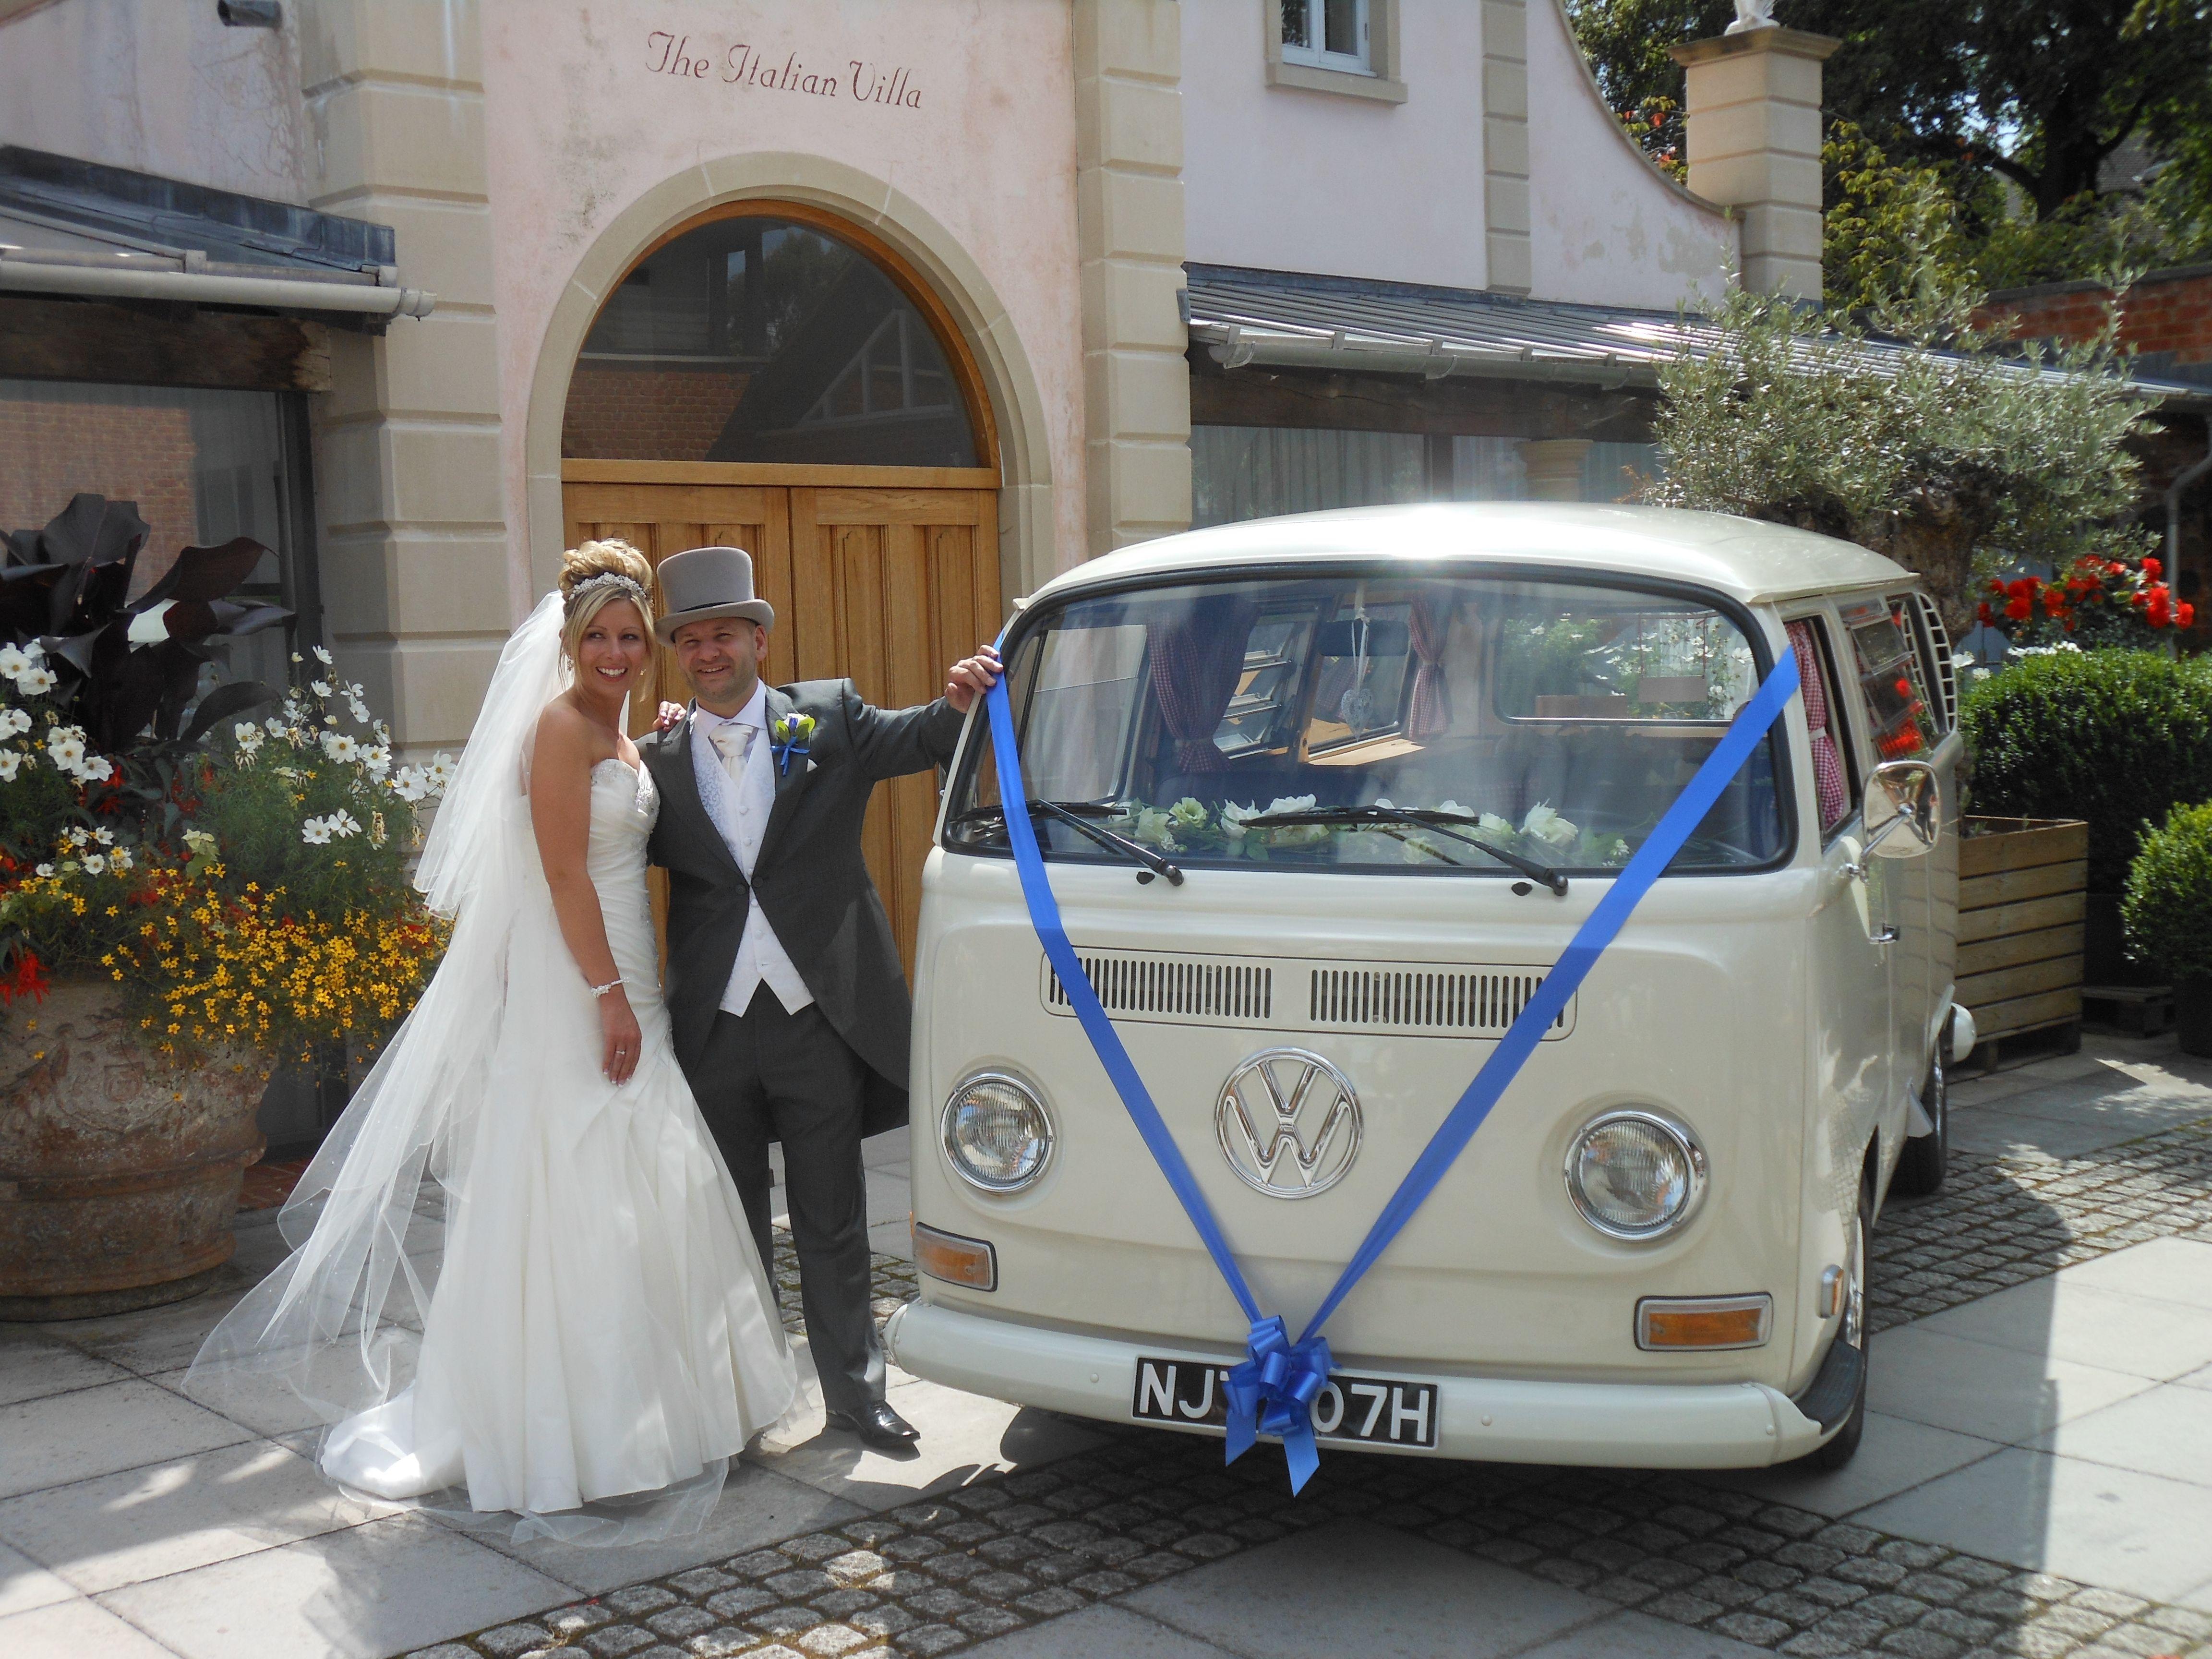 1970 wedding camper van Lottie at a lovely Italian Villa ...